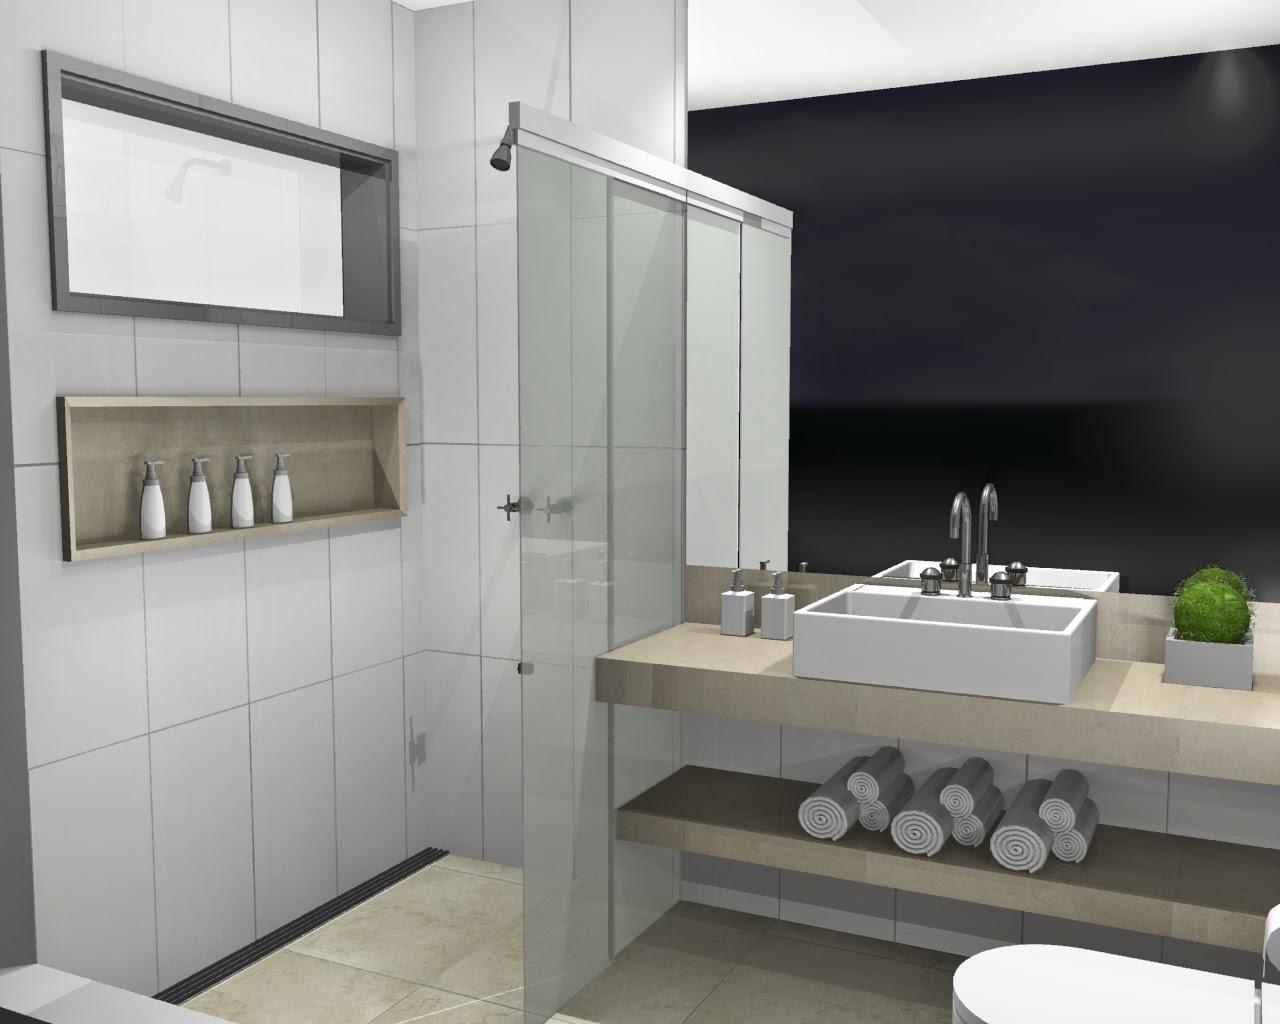 piso) Porcelanato acetinado (esmaltado) cor Off White e tamanho 60x60  #4B6128 1280x1024 Banheiro Com Porcelanato Concreto